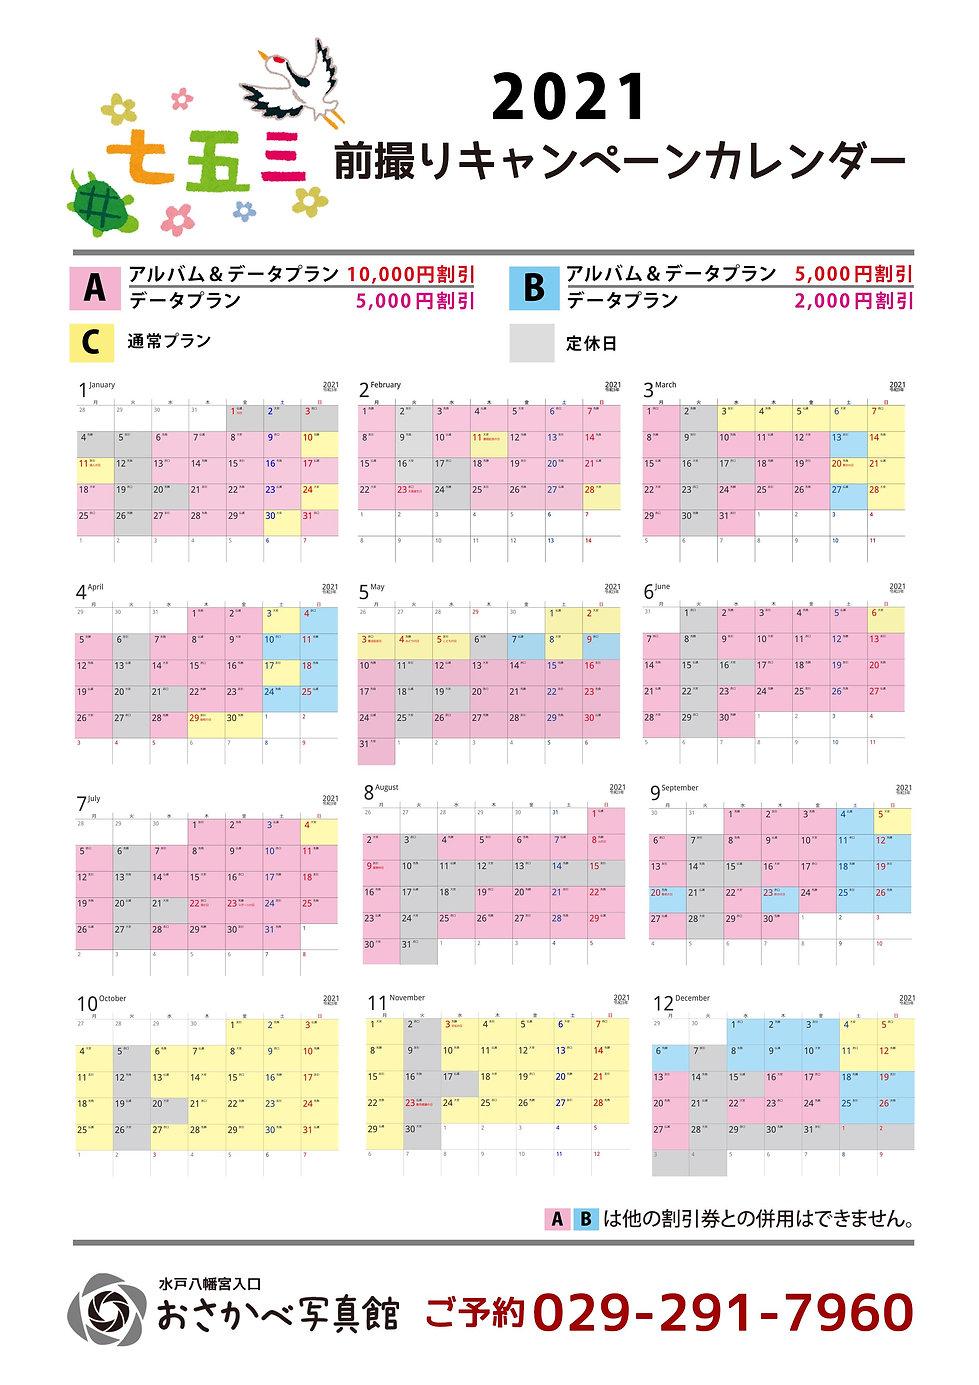 753_calendar_2021.jpg